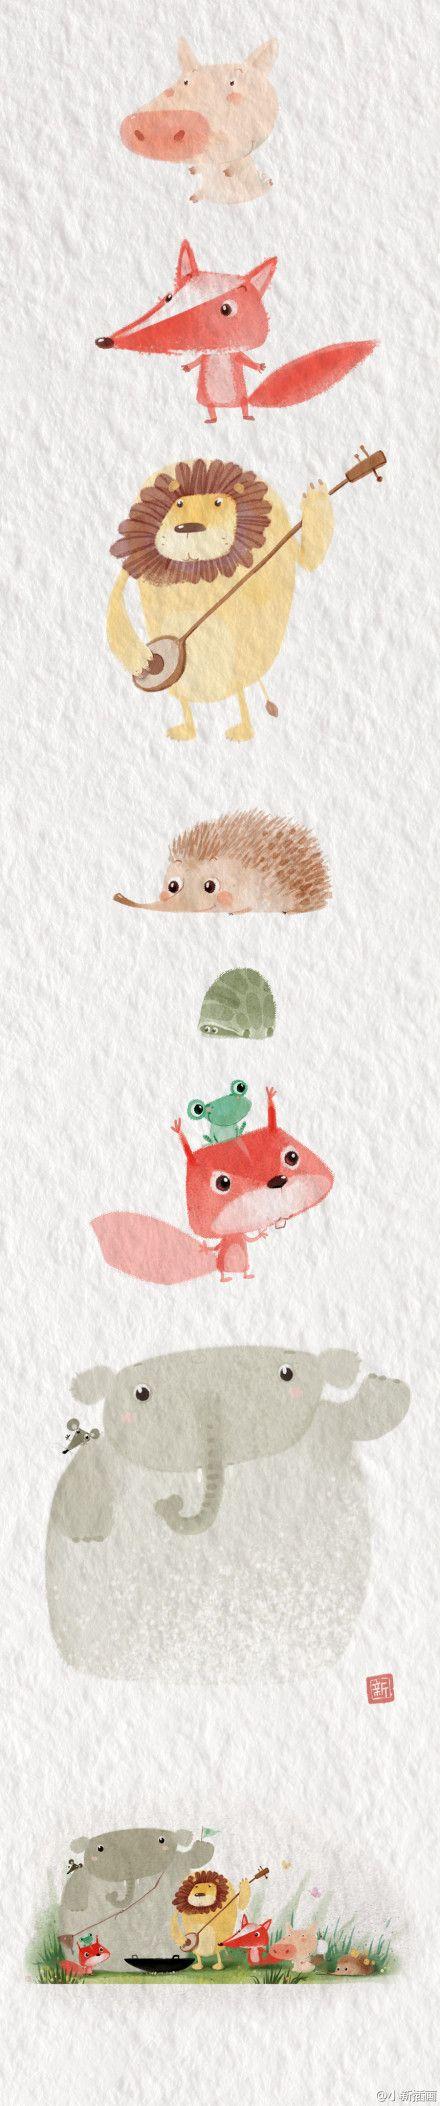 cute watercolor animals